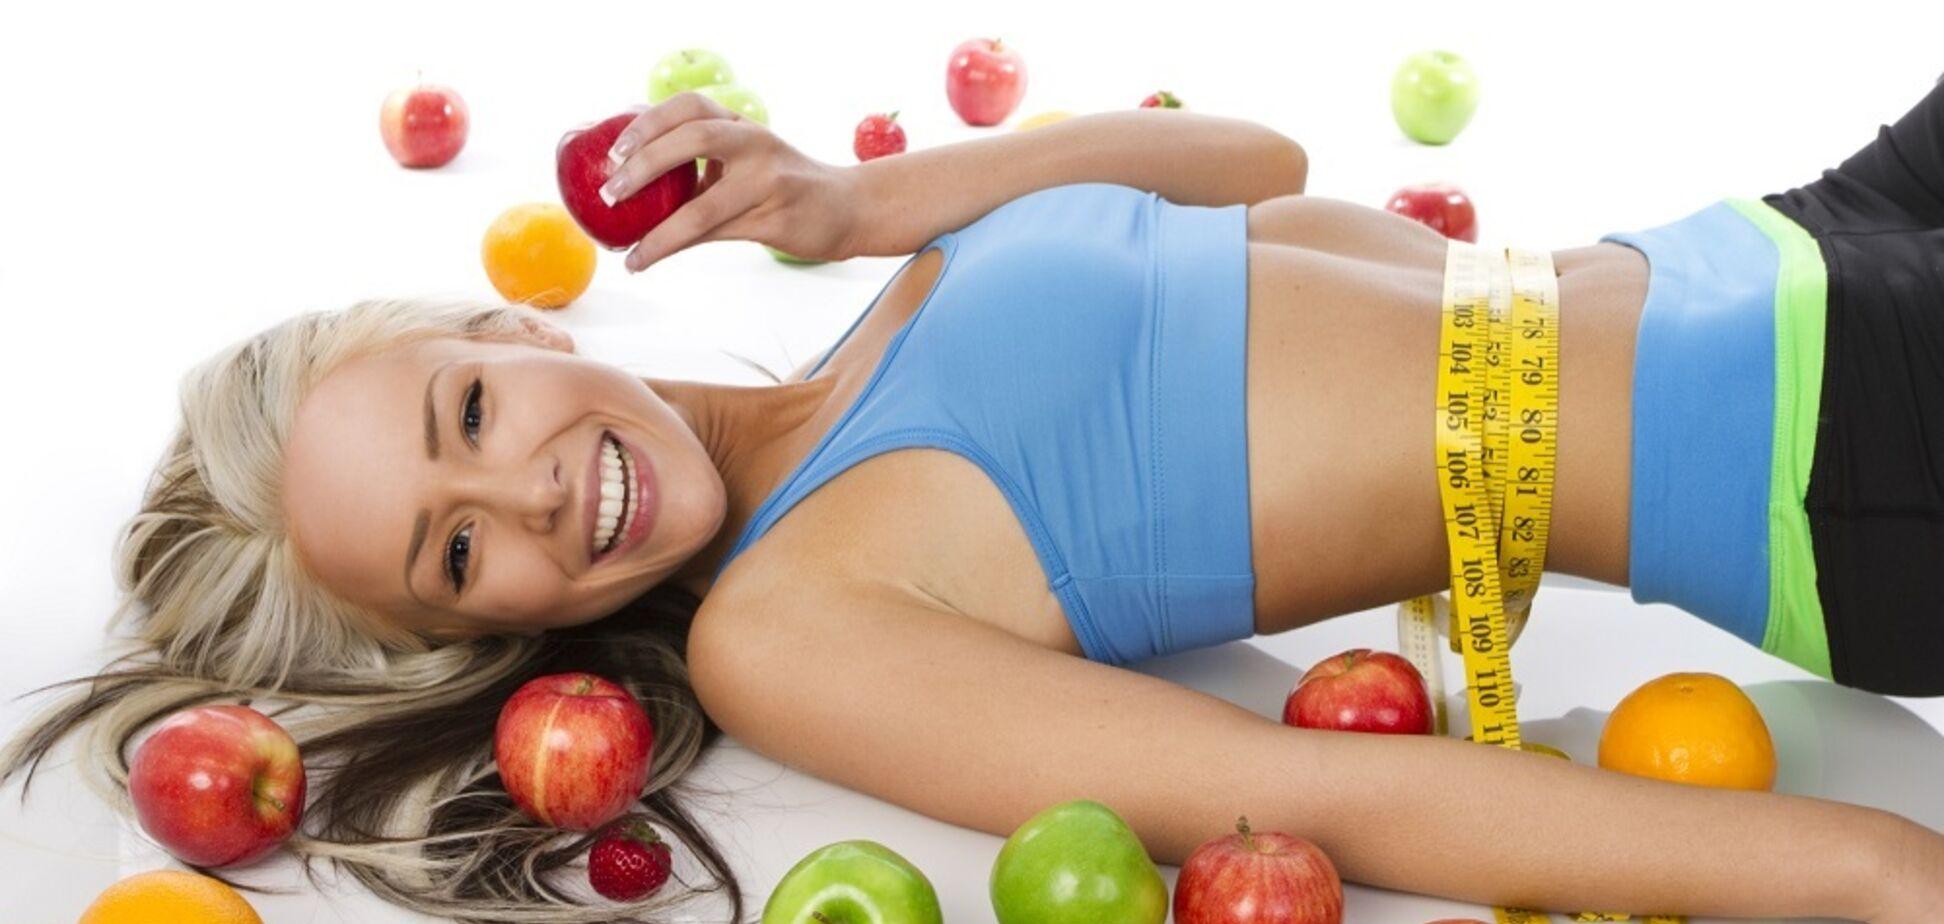 Як схуднути до літа: названо три найкращих дієти